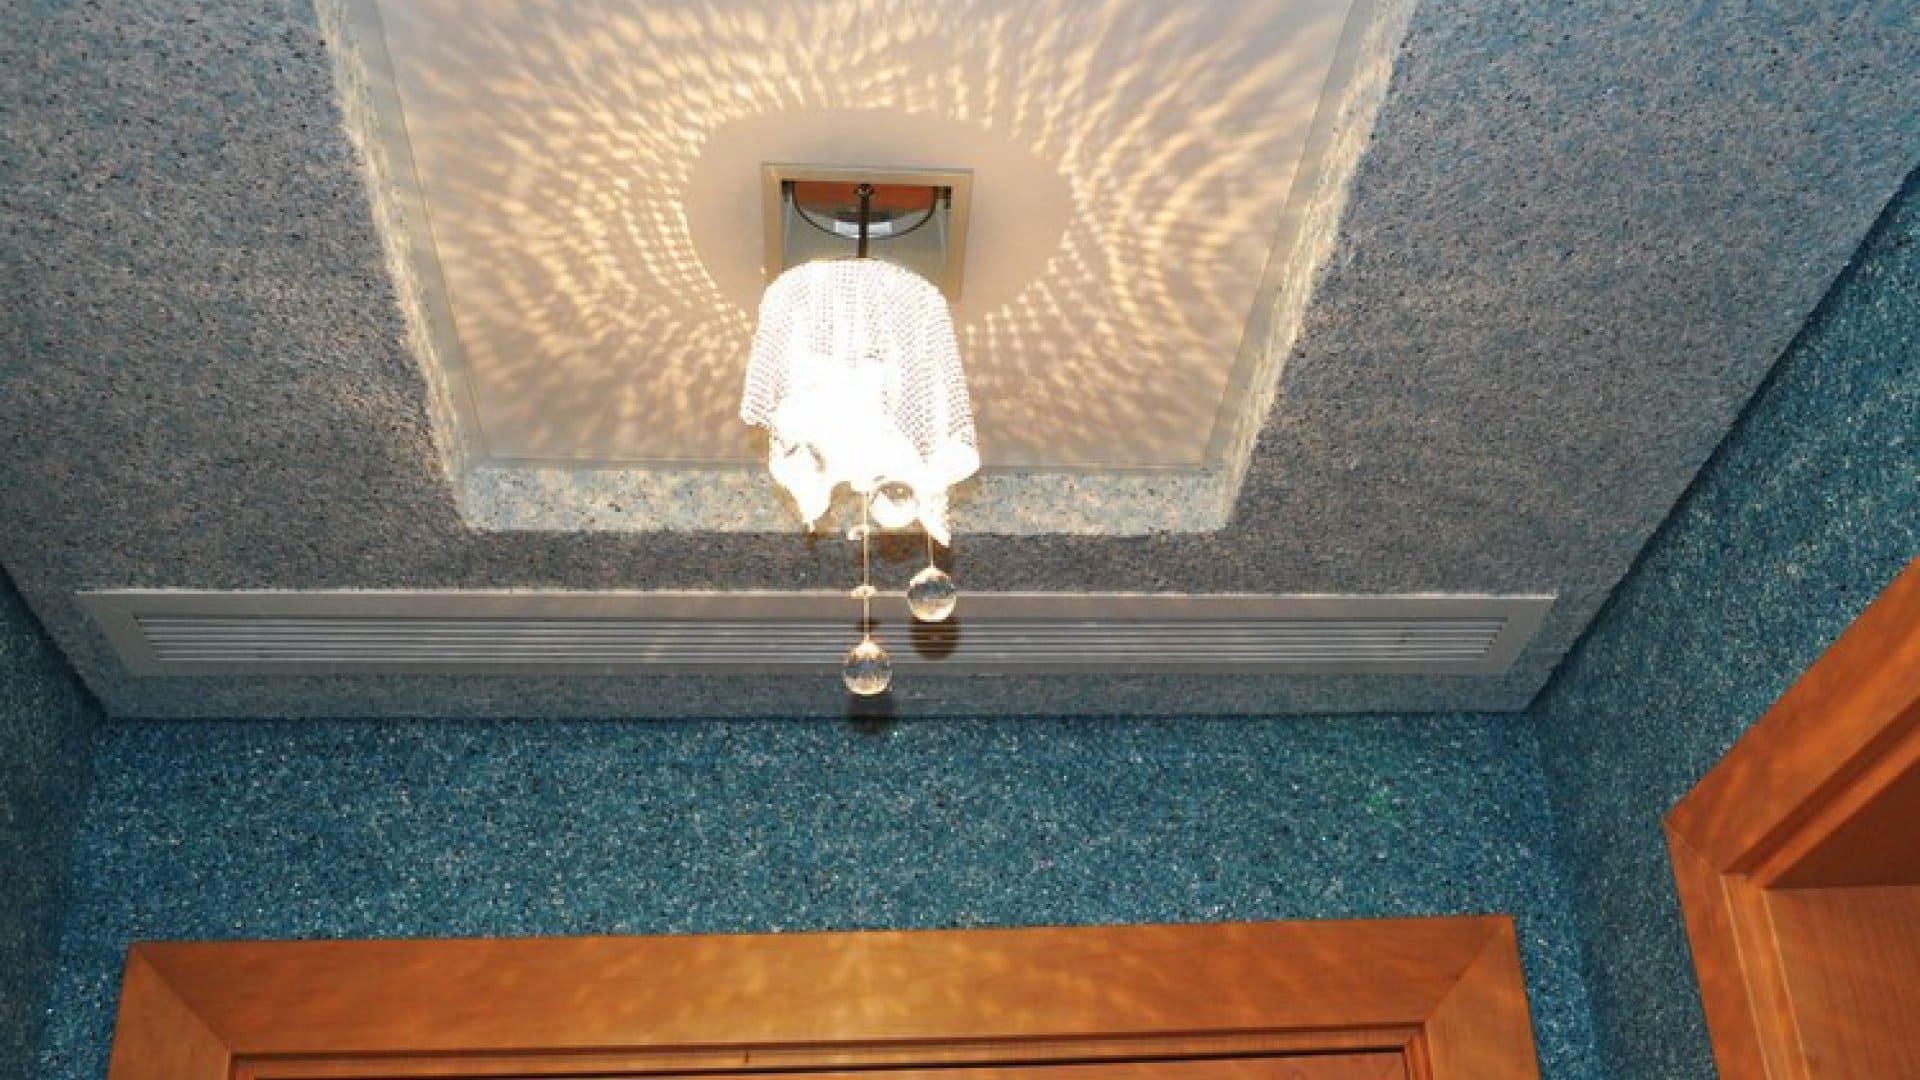 Декоративная штукатурка - лучшие красивые варианты отделки стен в интерьере 073